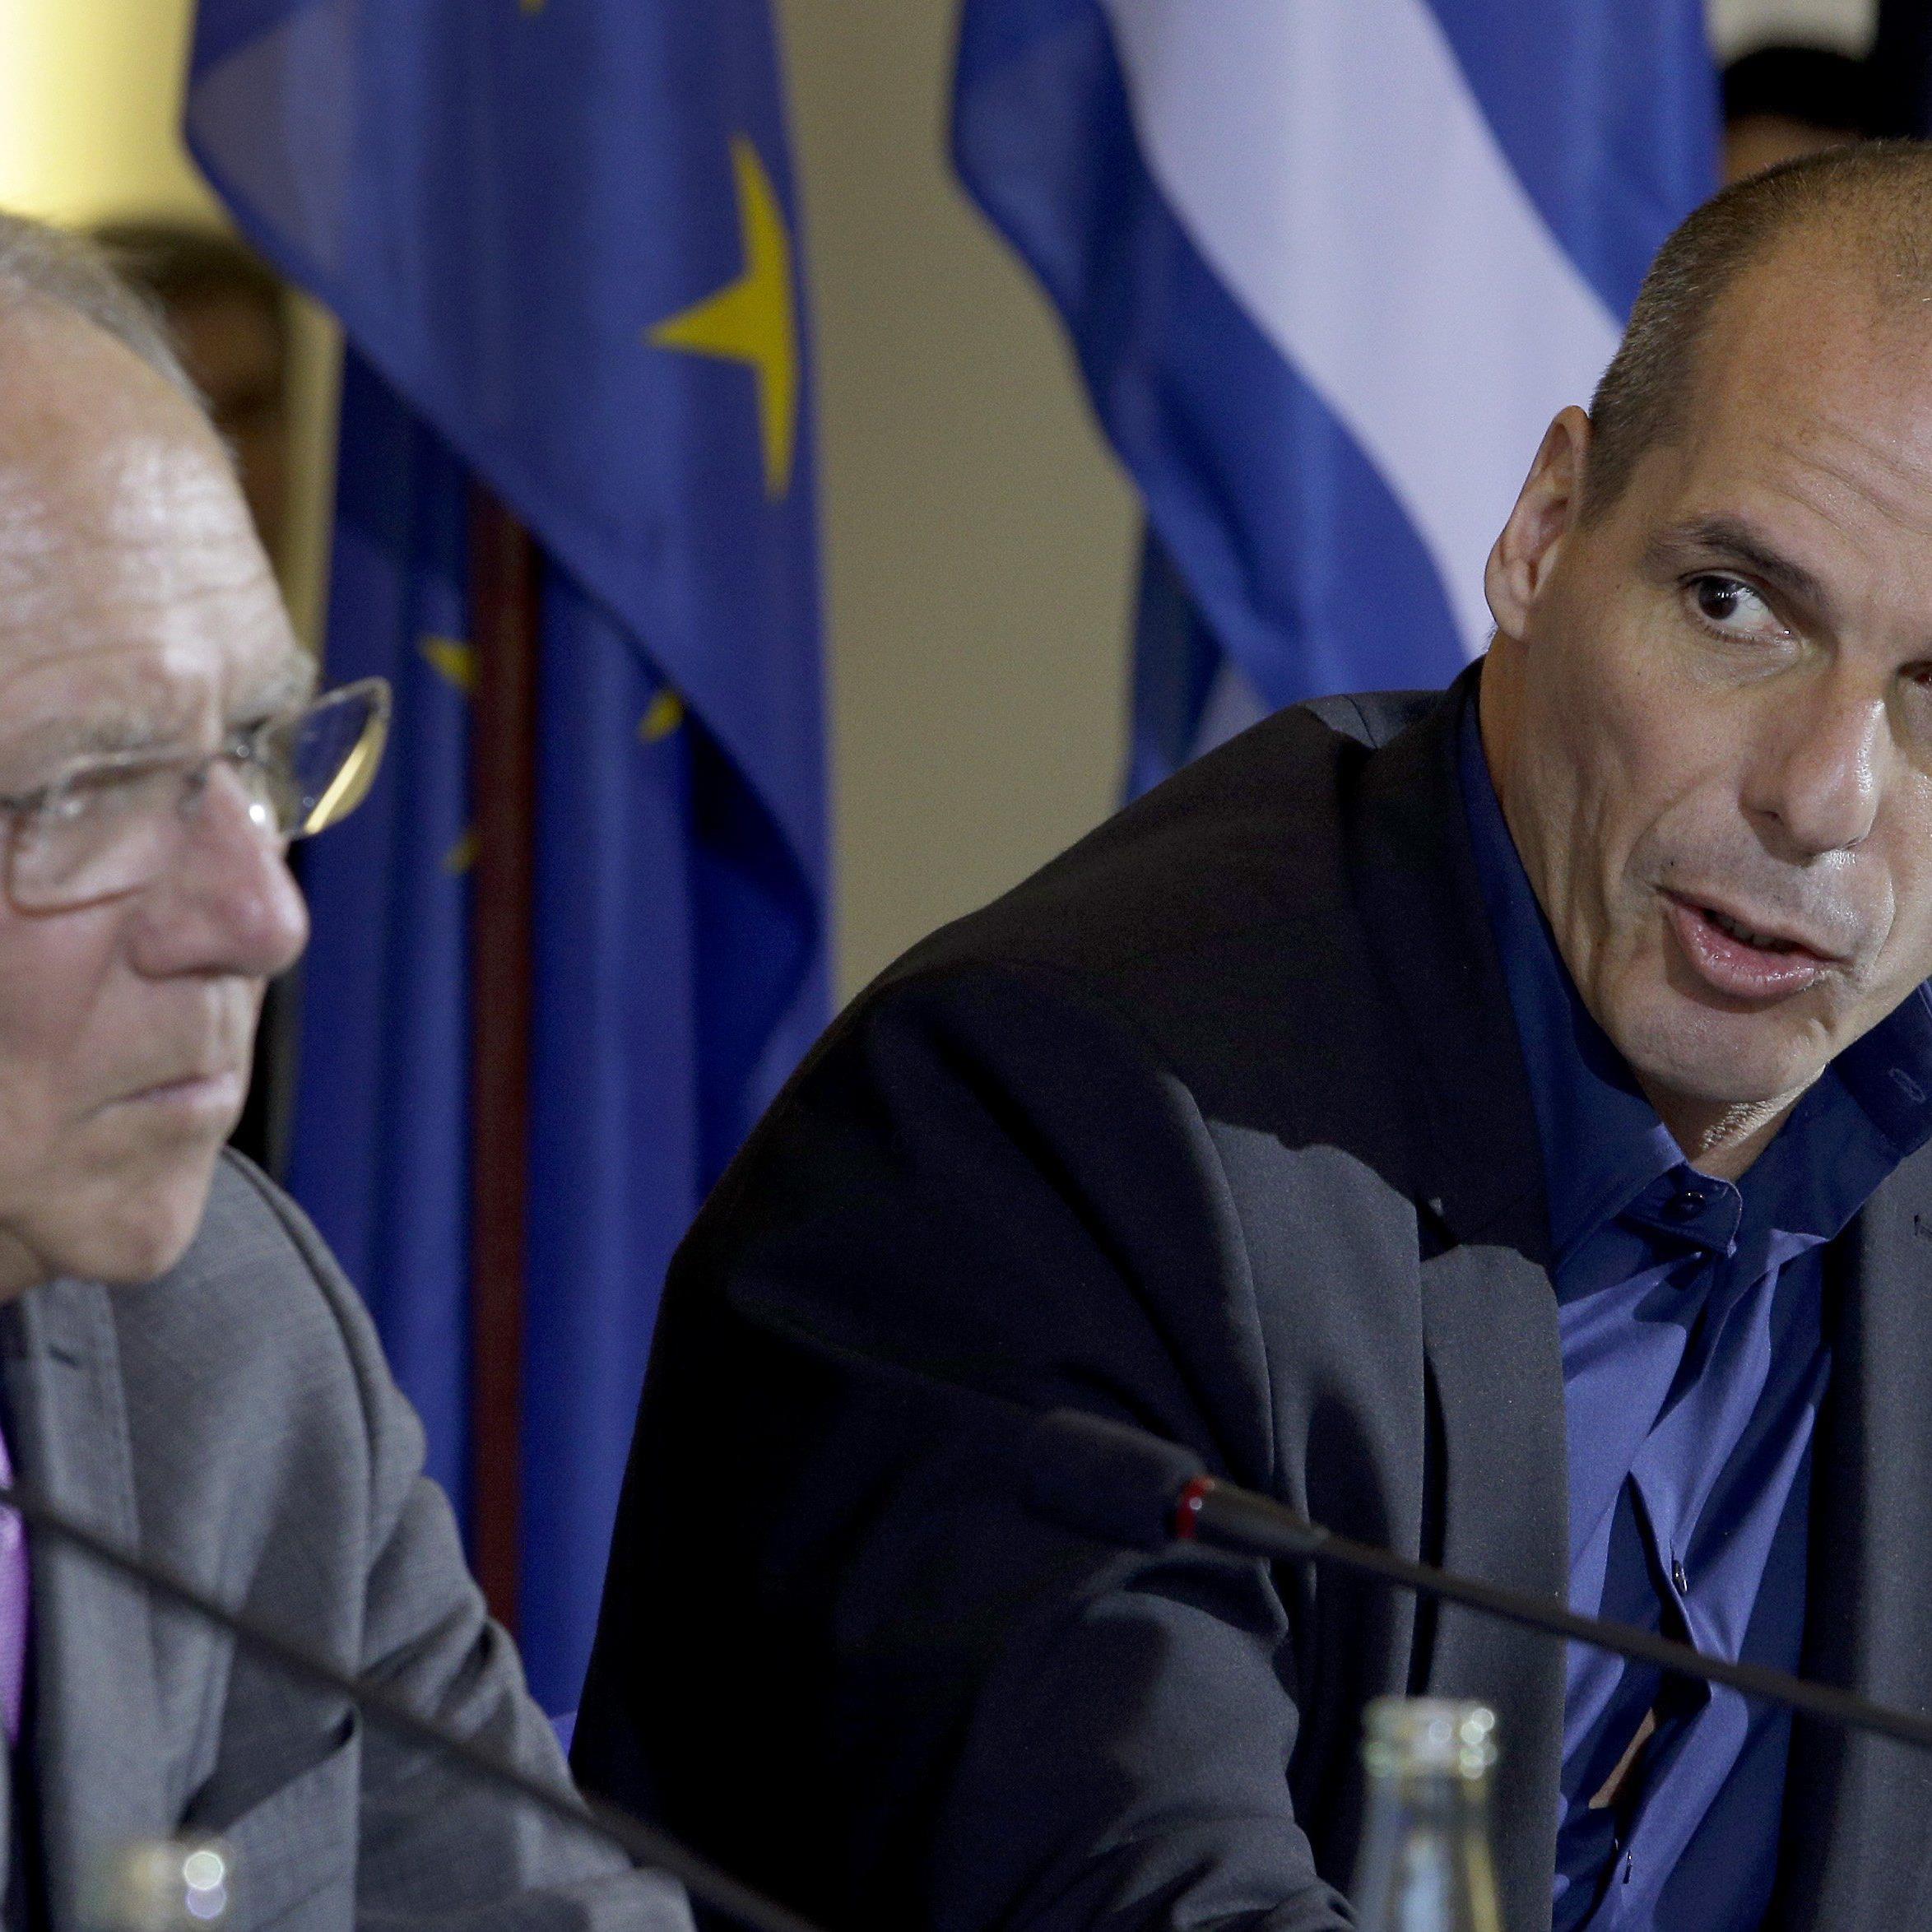 Regierung in Athen fordert von Berlin Reparationen für Zweiten Weltkrieg. Im Bild: Finanzminister Schäuble und sein griechischer Kollege Varoufakis.